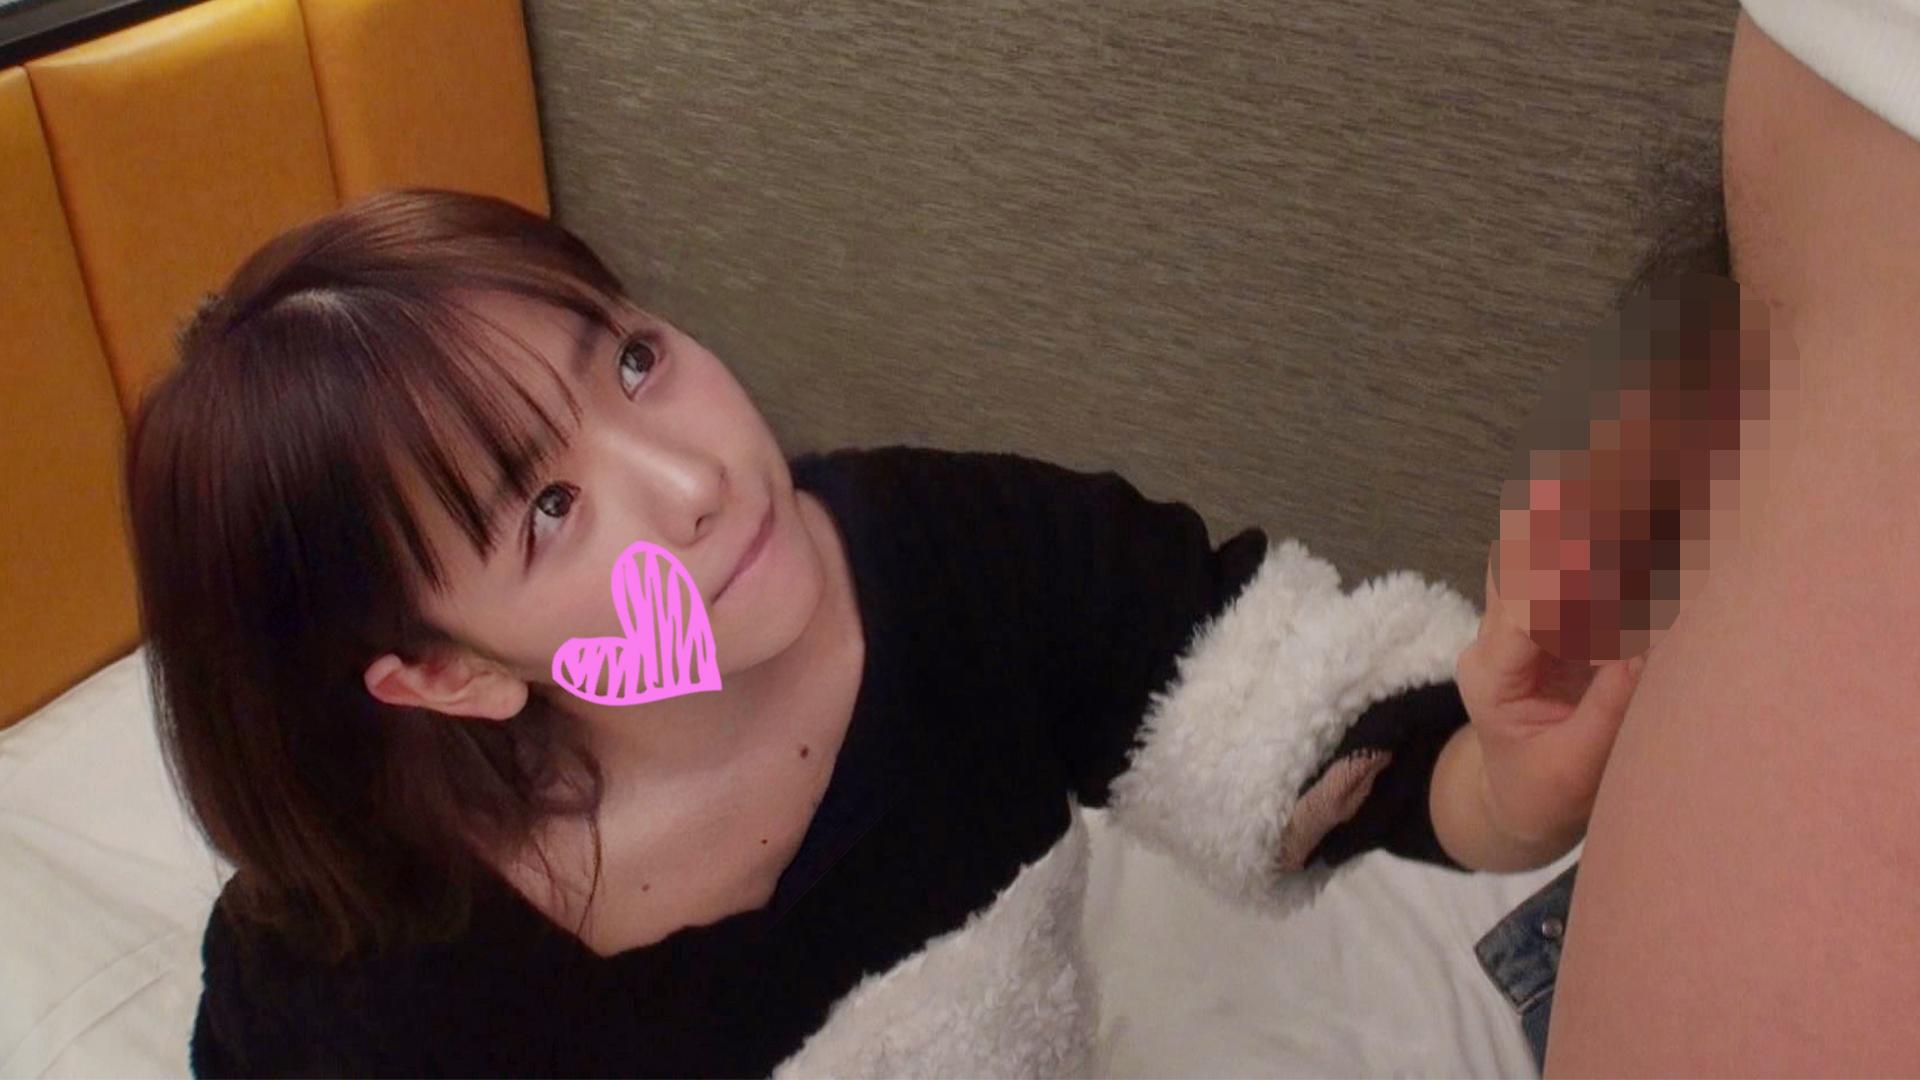 FC2 PPV 1226065 【SSS級ヤンキー19歳】アイドル級のかわいさ 埼玉から上京→ナンパ→涙目ちんぽ堕ち【中出し】